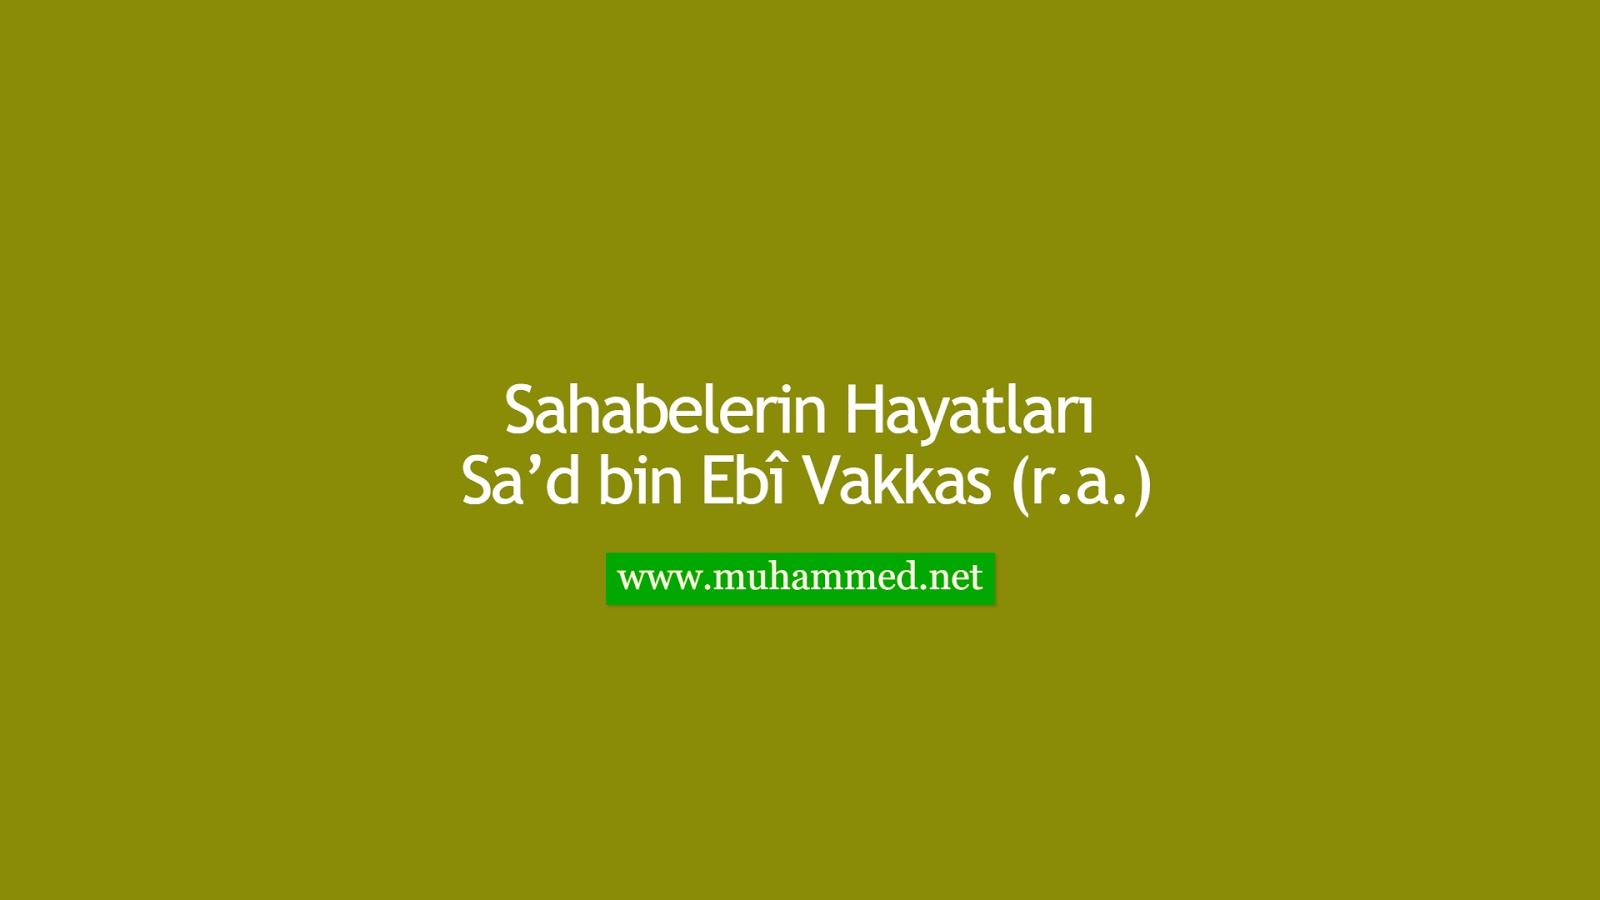 Sa'd bin Ebî Vakkas (r.a.)